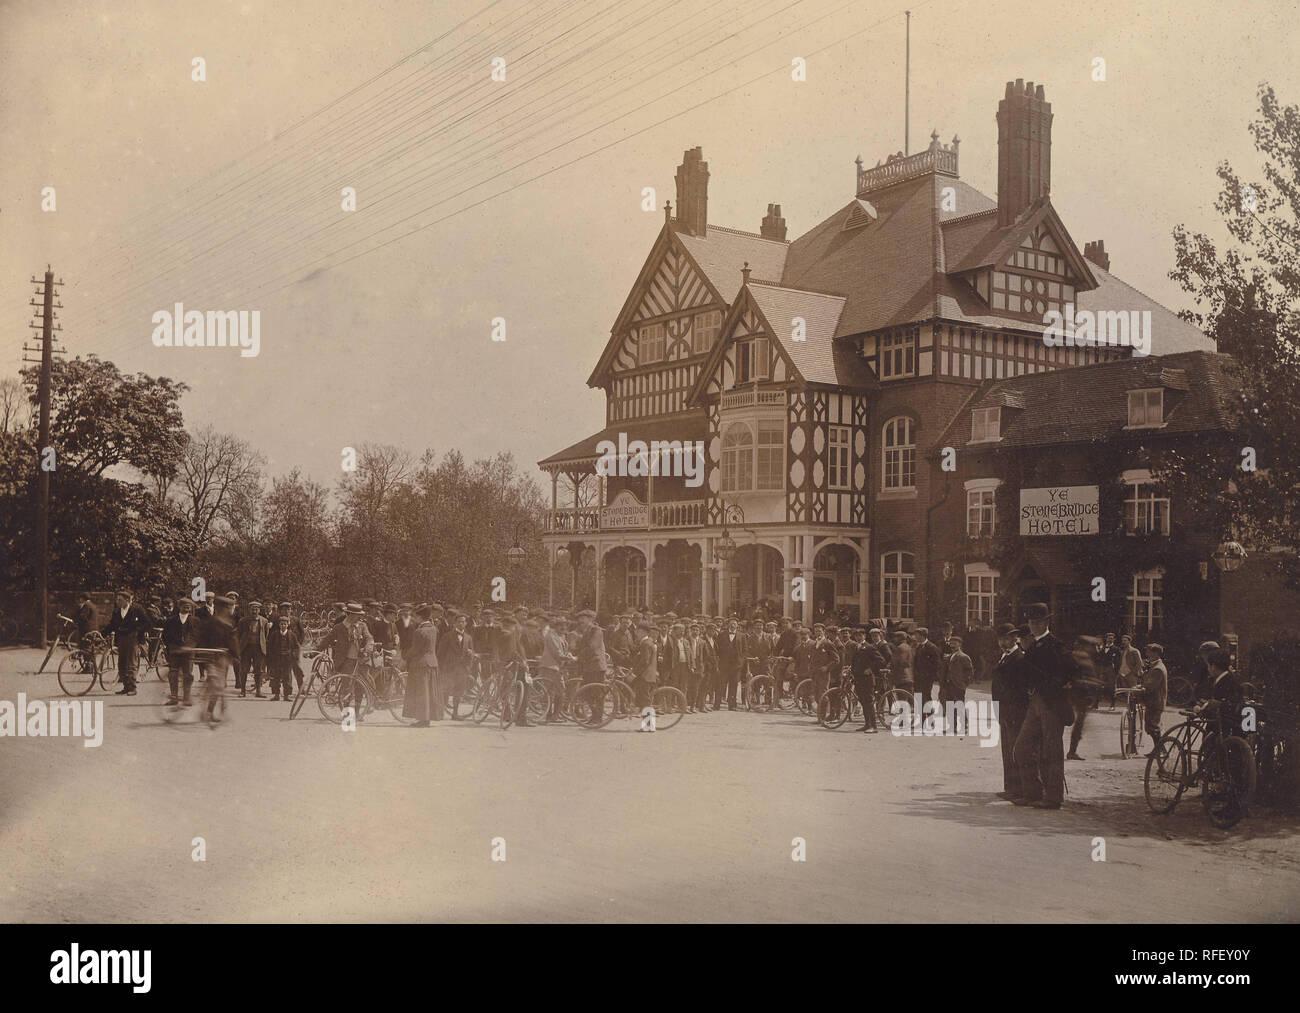 Imagen del archivo histórico de ciclistas, ciclo Club Meeting, Ye Stonebridge Hotel, Coventry, c1910s. Imagen De Stock